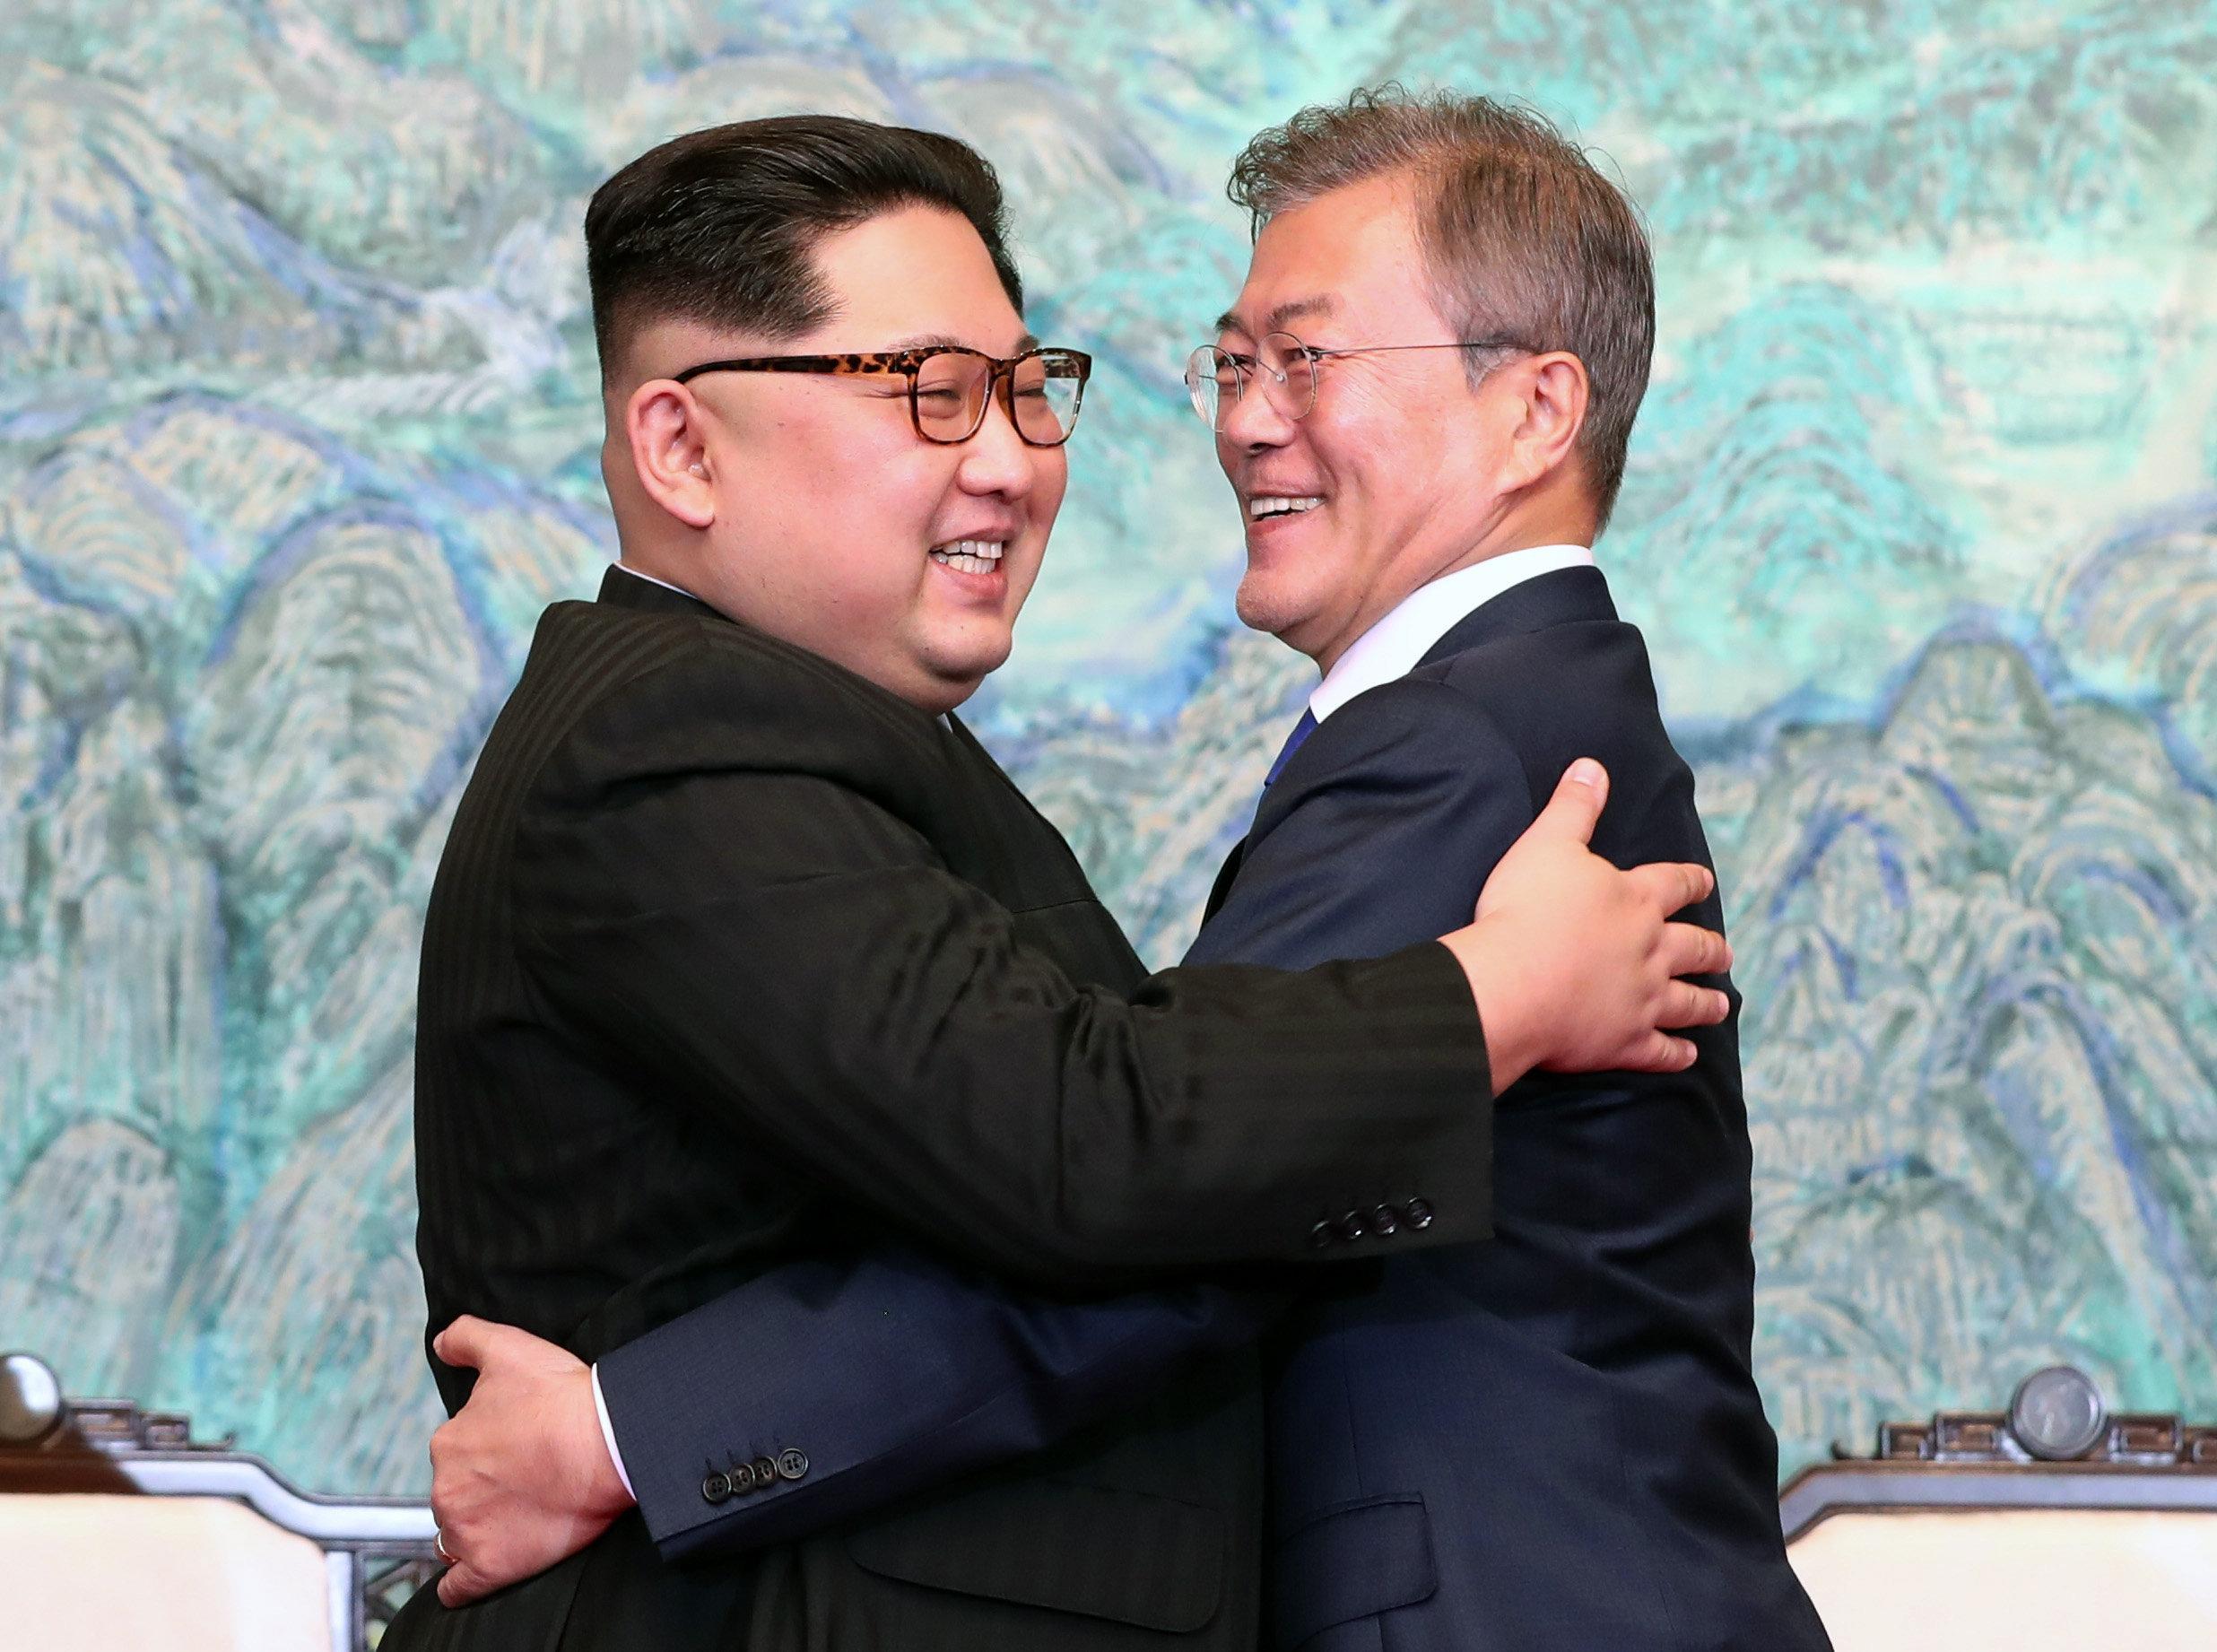 Ιστορική ημέρα: Αποπυρηνικοποίηση της κορεατικής χερσονήσου και ειρήνη συμφώνησαν Κιμ Γιονγκ- Ουν και Μουν Τζε-